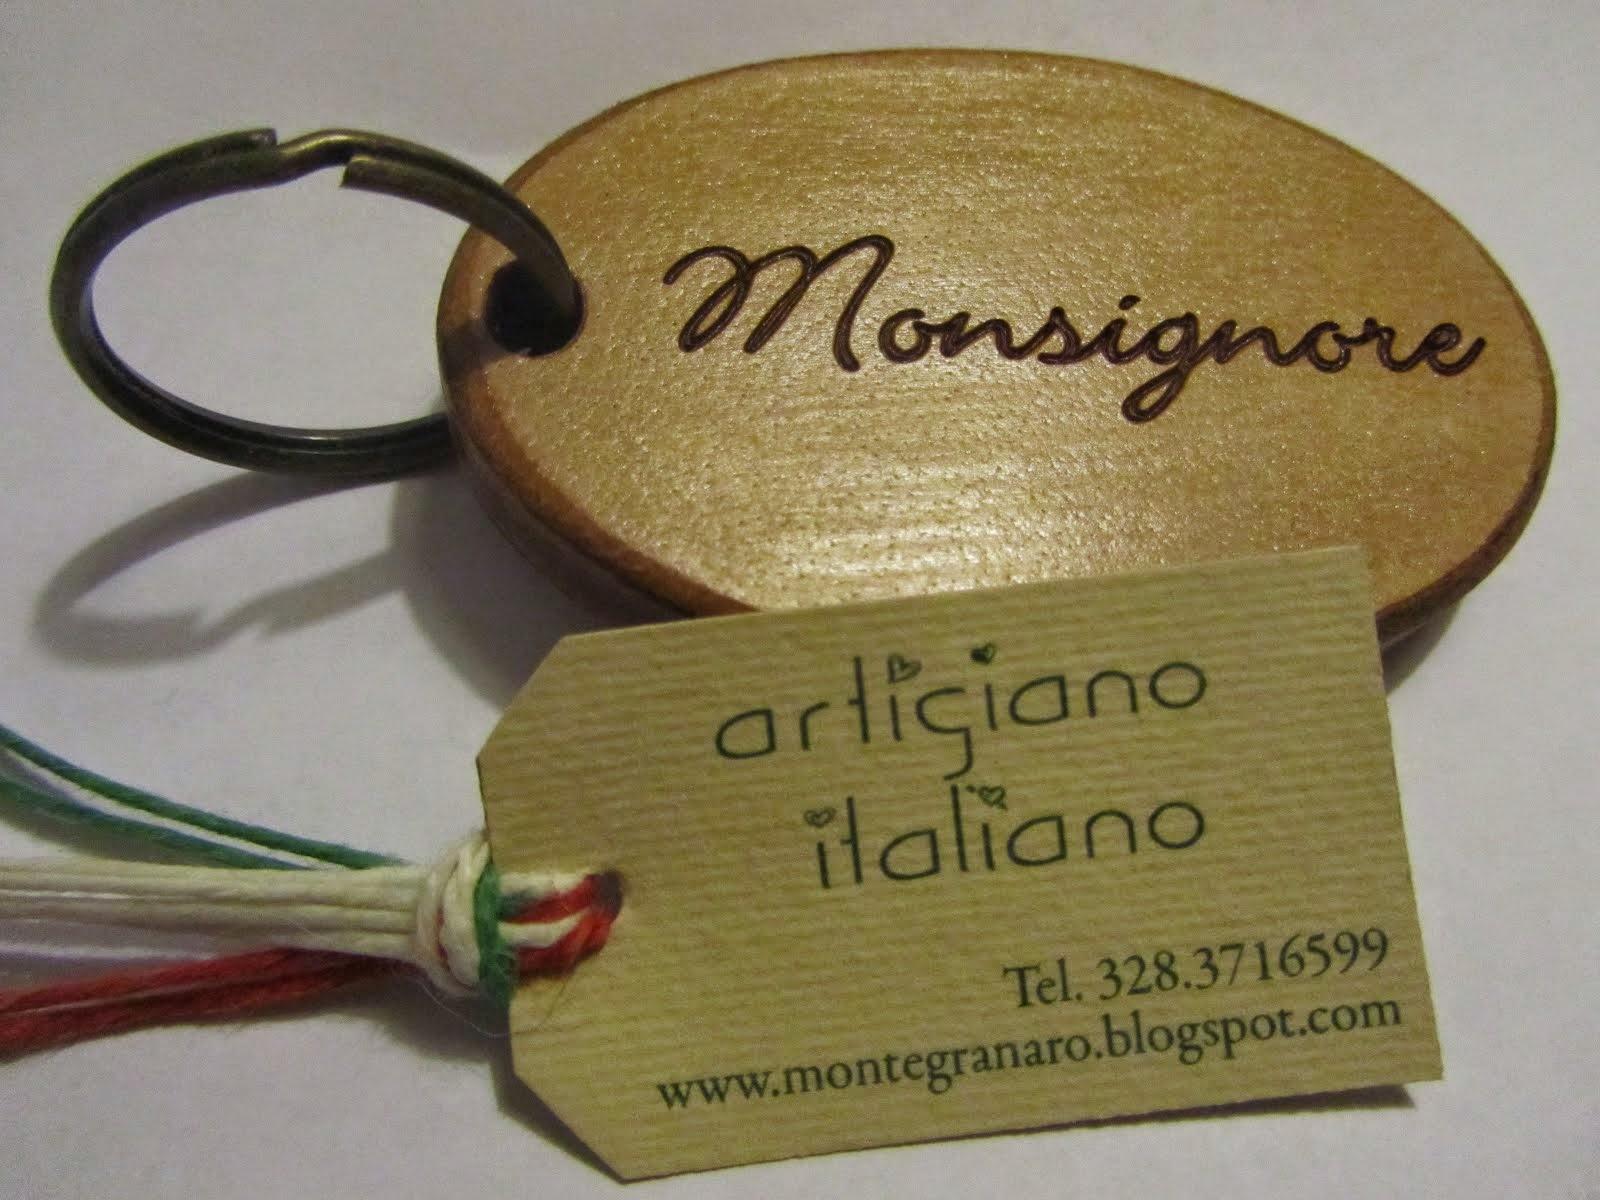 Artigiano di montegranaro che produce oggettistica in pelle, cuoio, legno